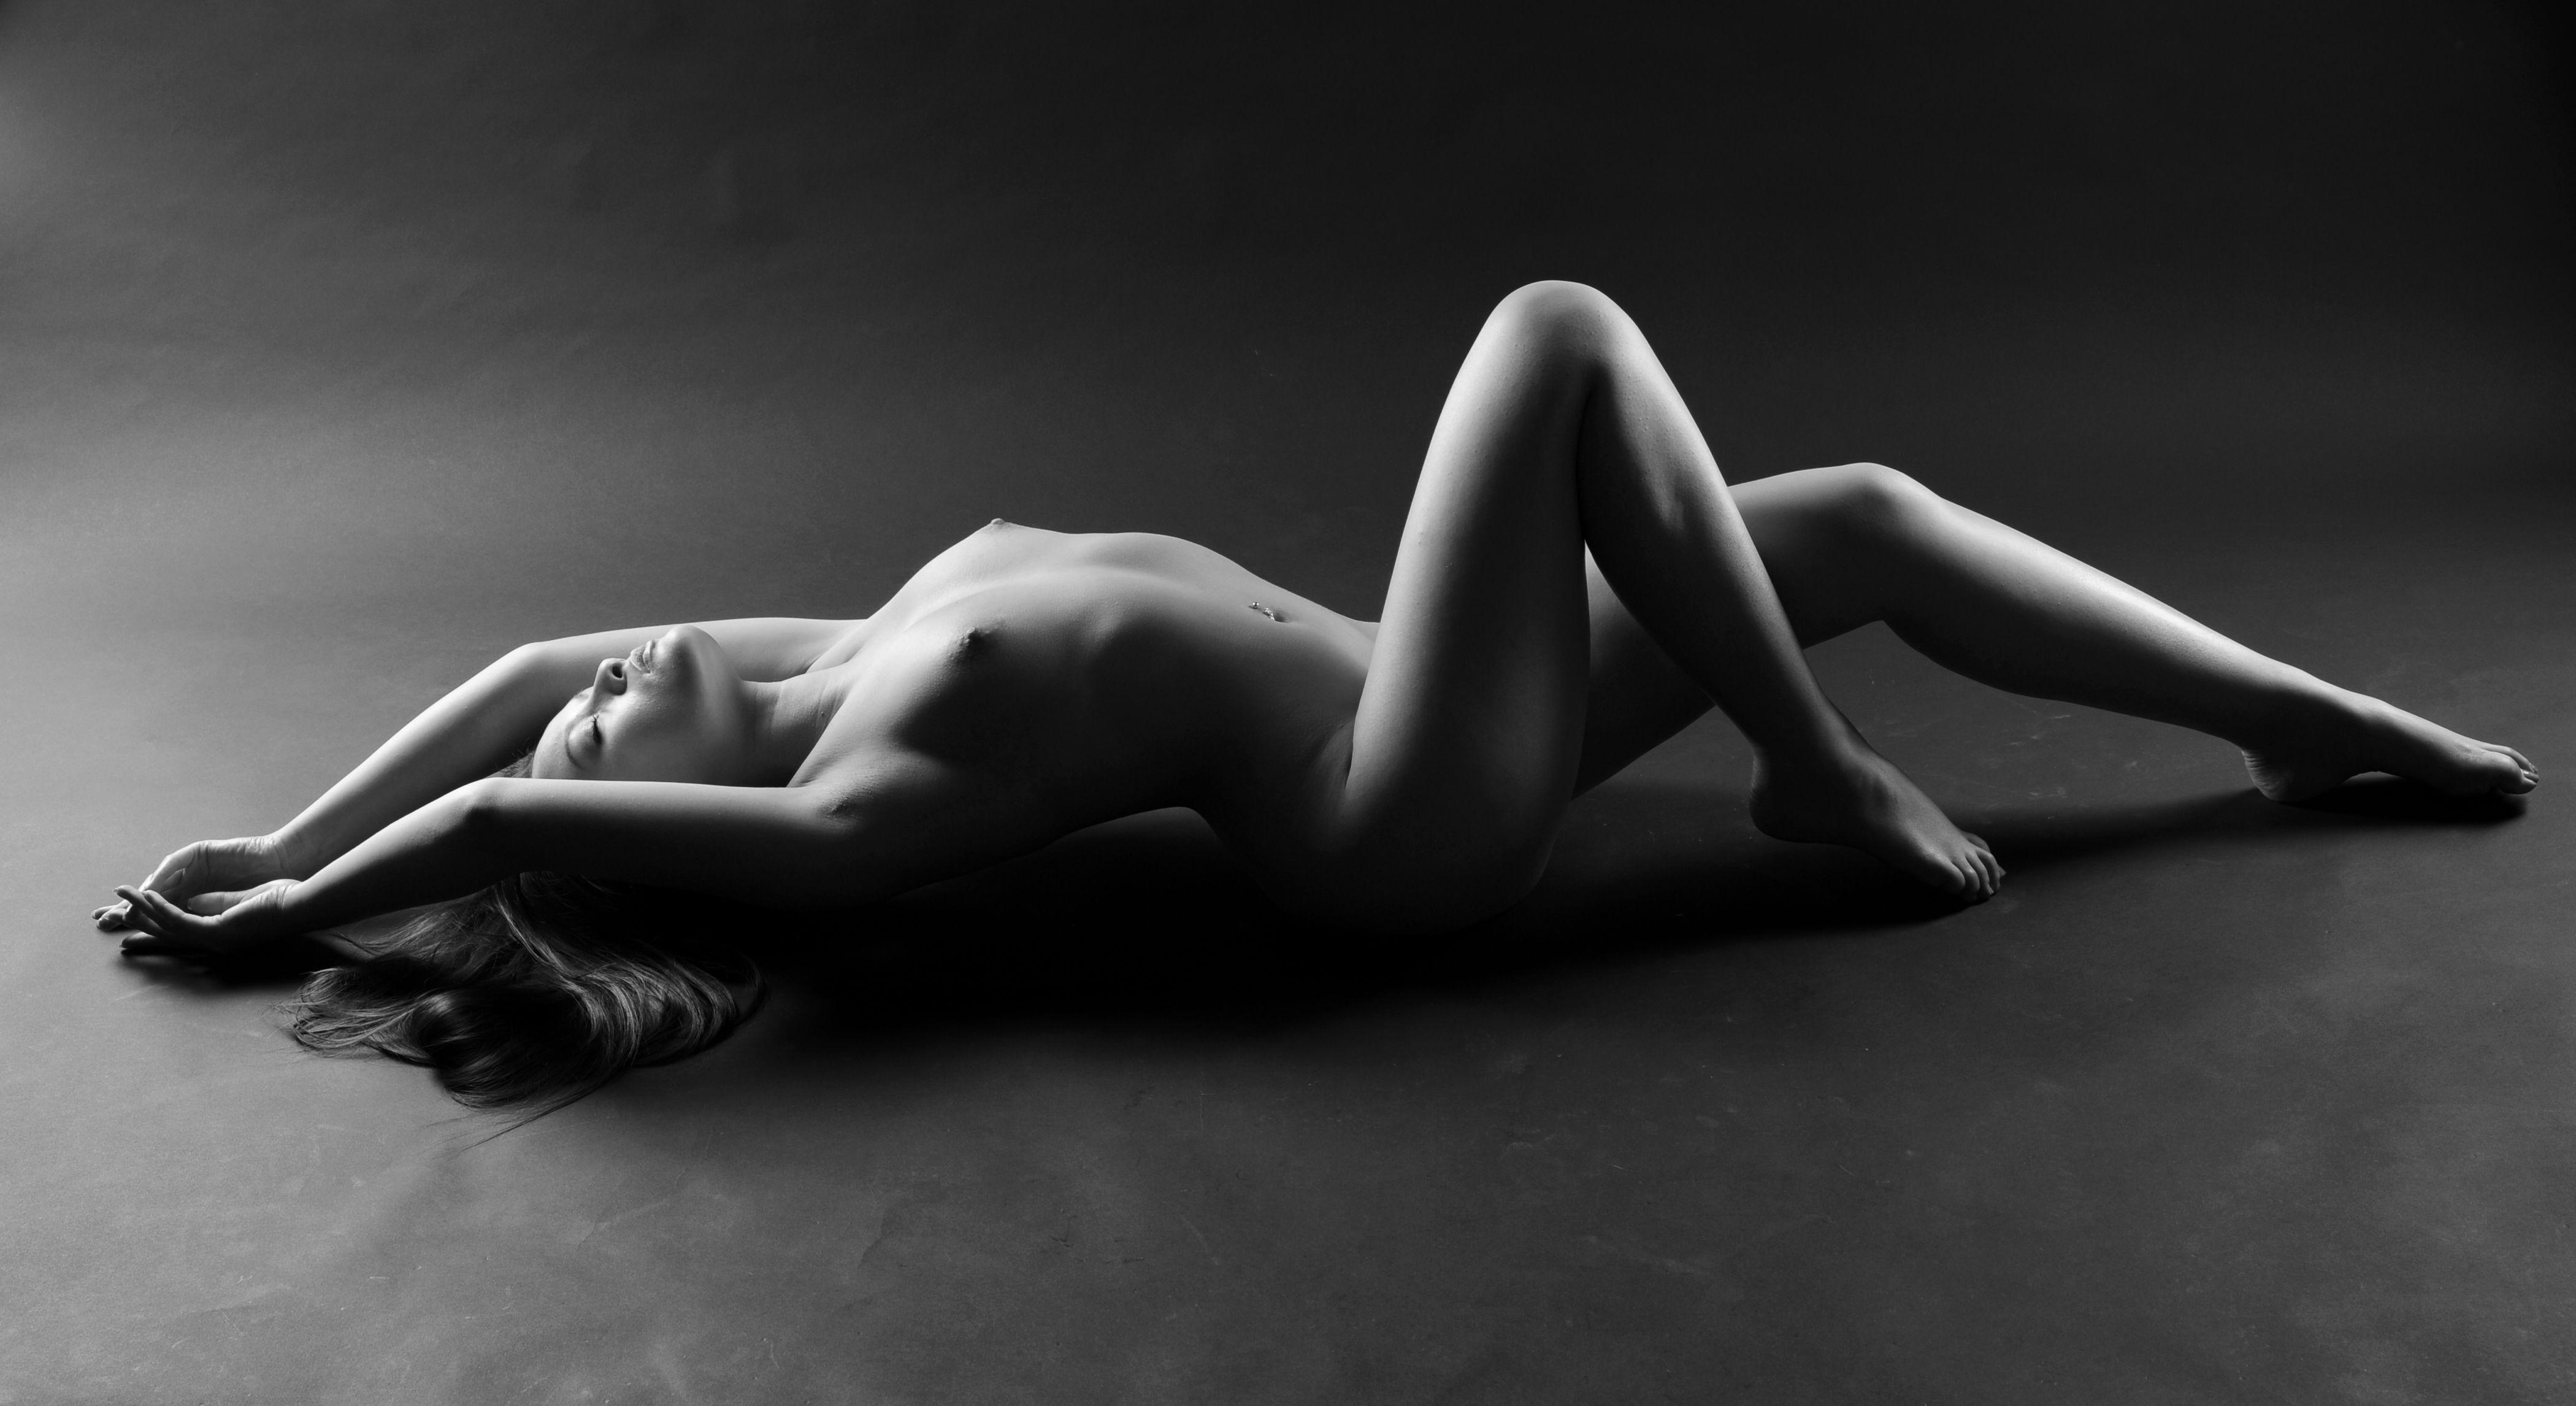 hairy naked mature women